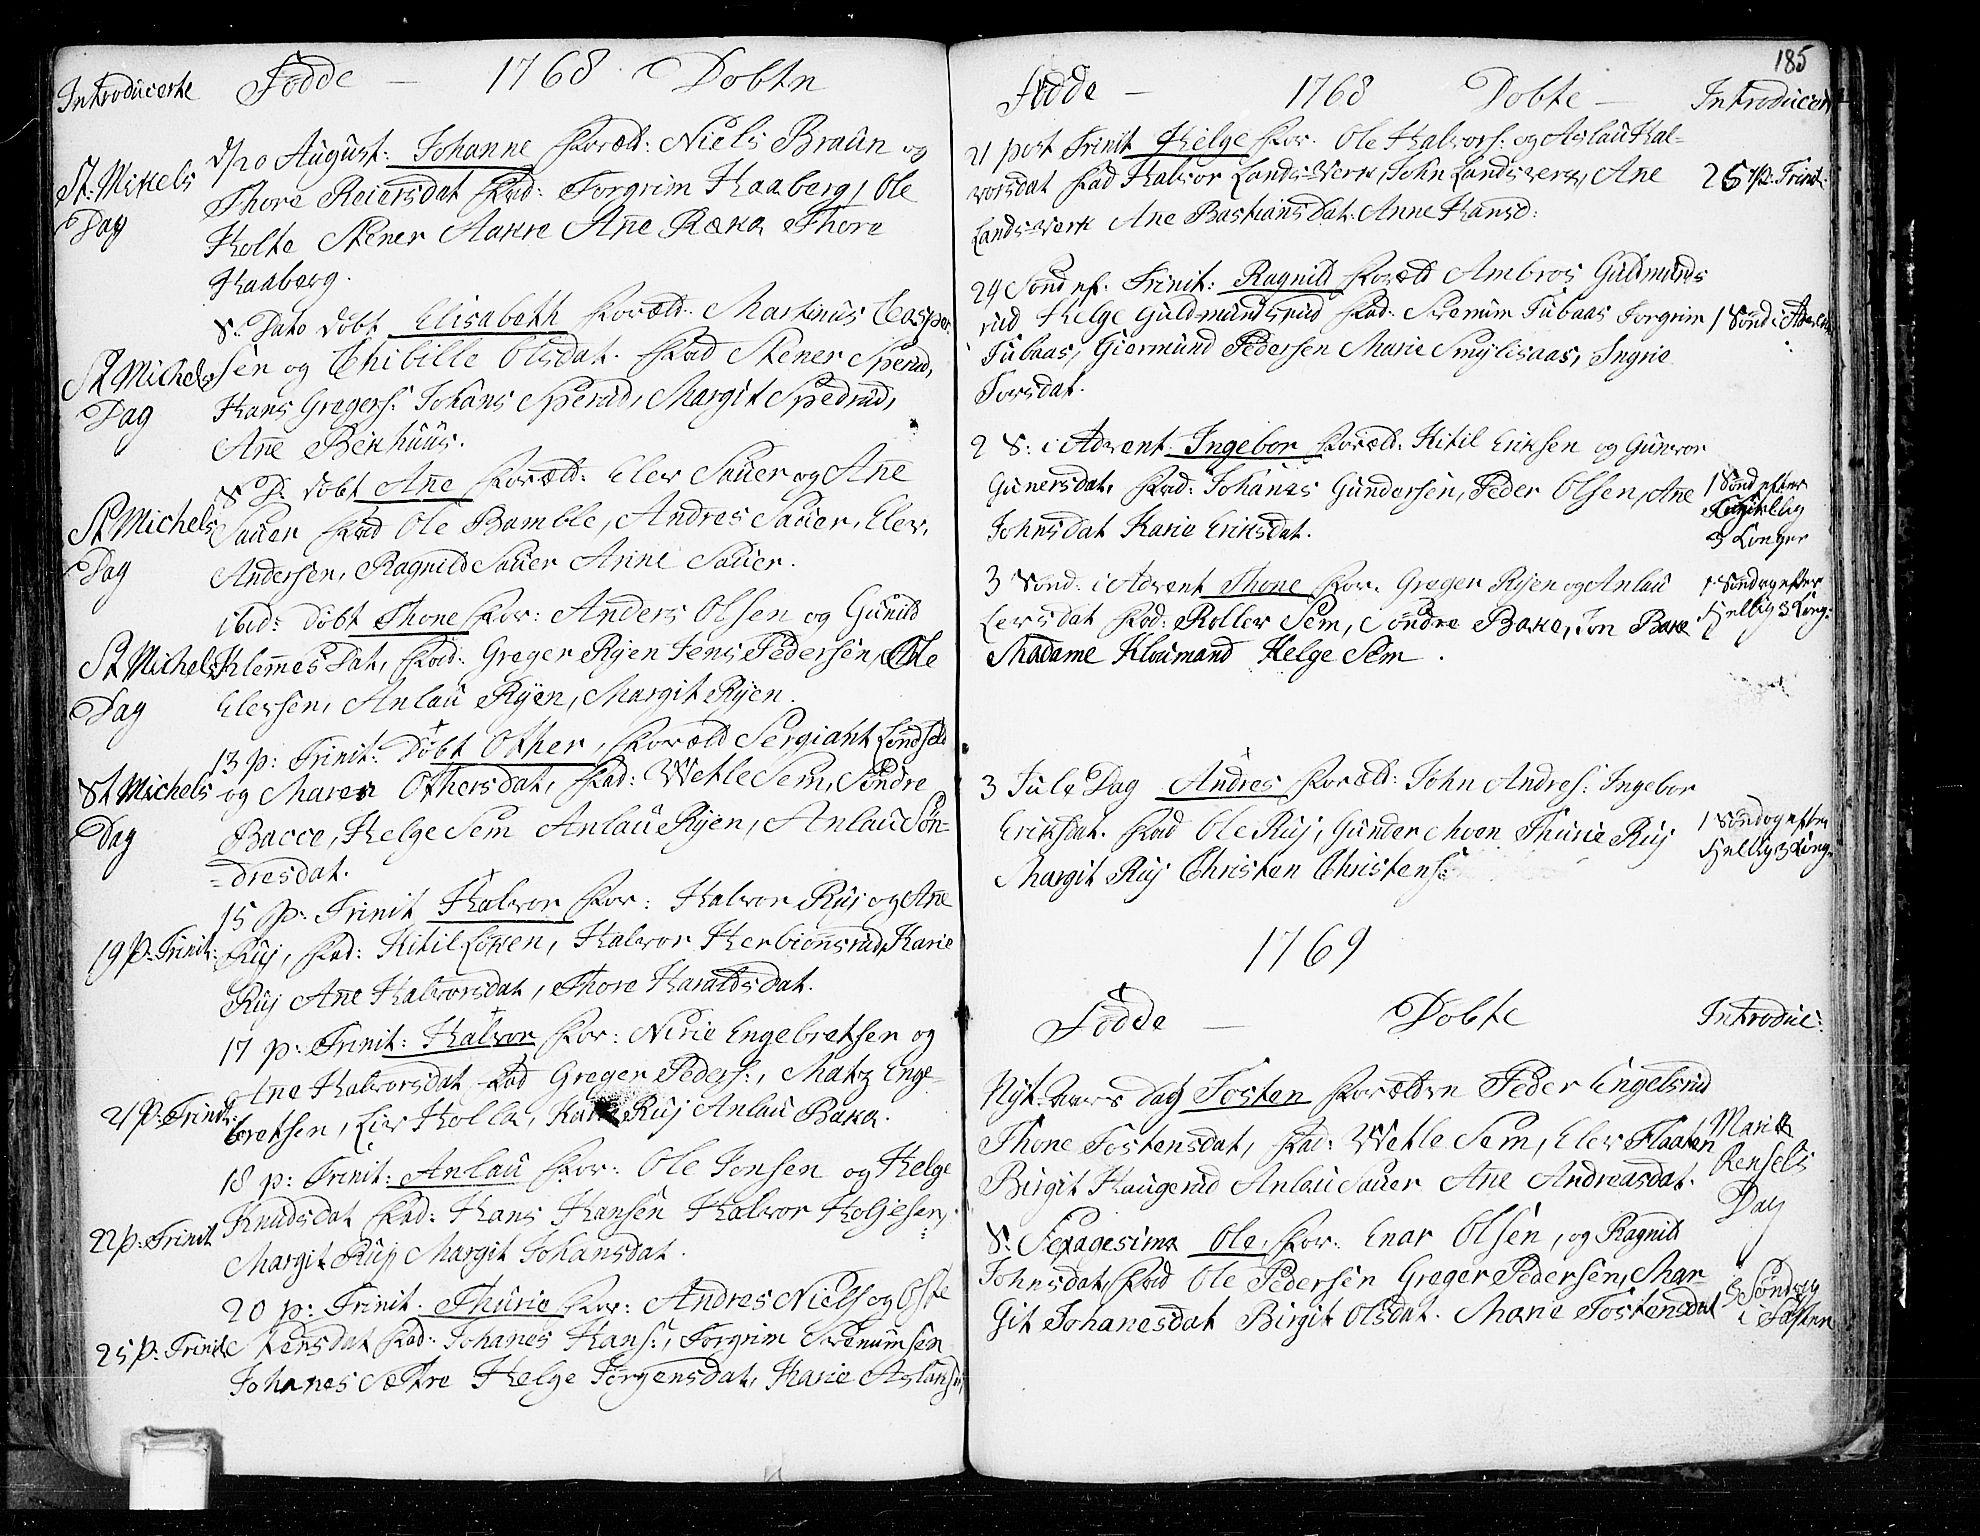 SAKO, Heddal kirkebøker, F/Fa/L0003: Ministerialbok nr. I 3, 1723-1783, s. 185